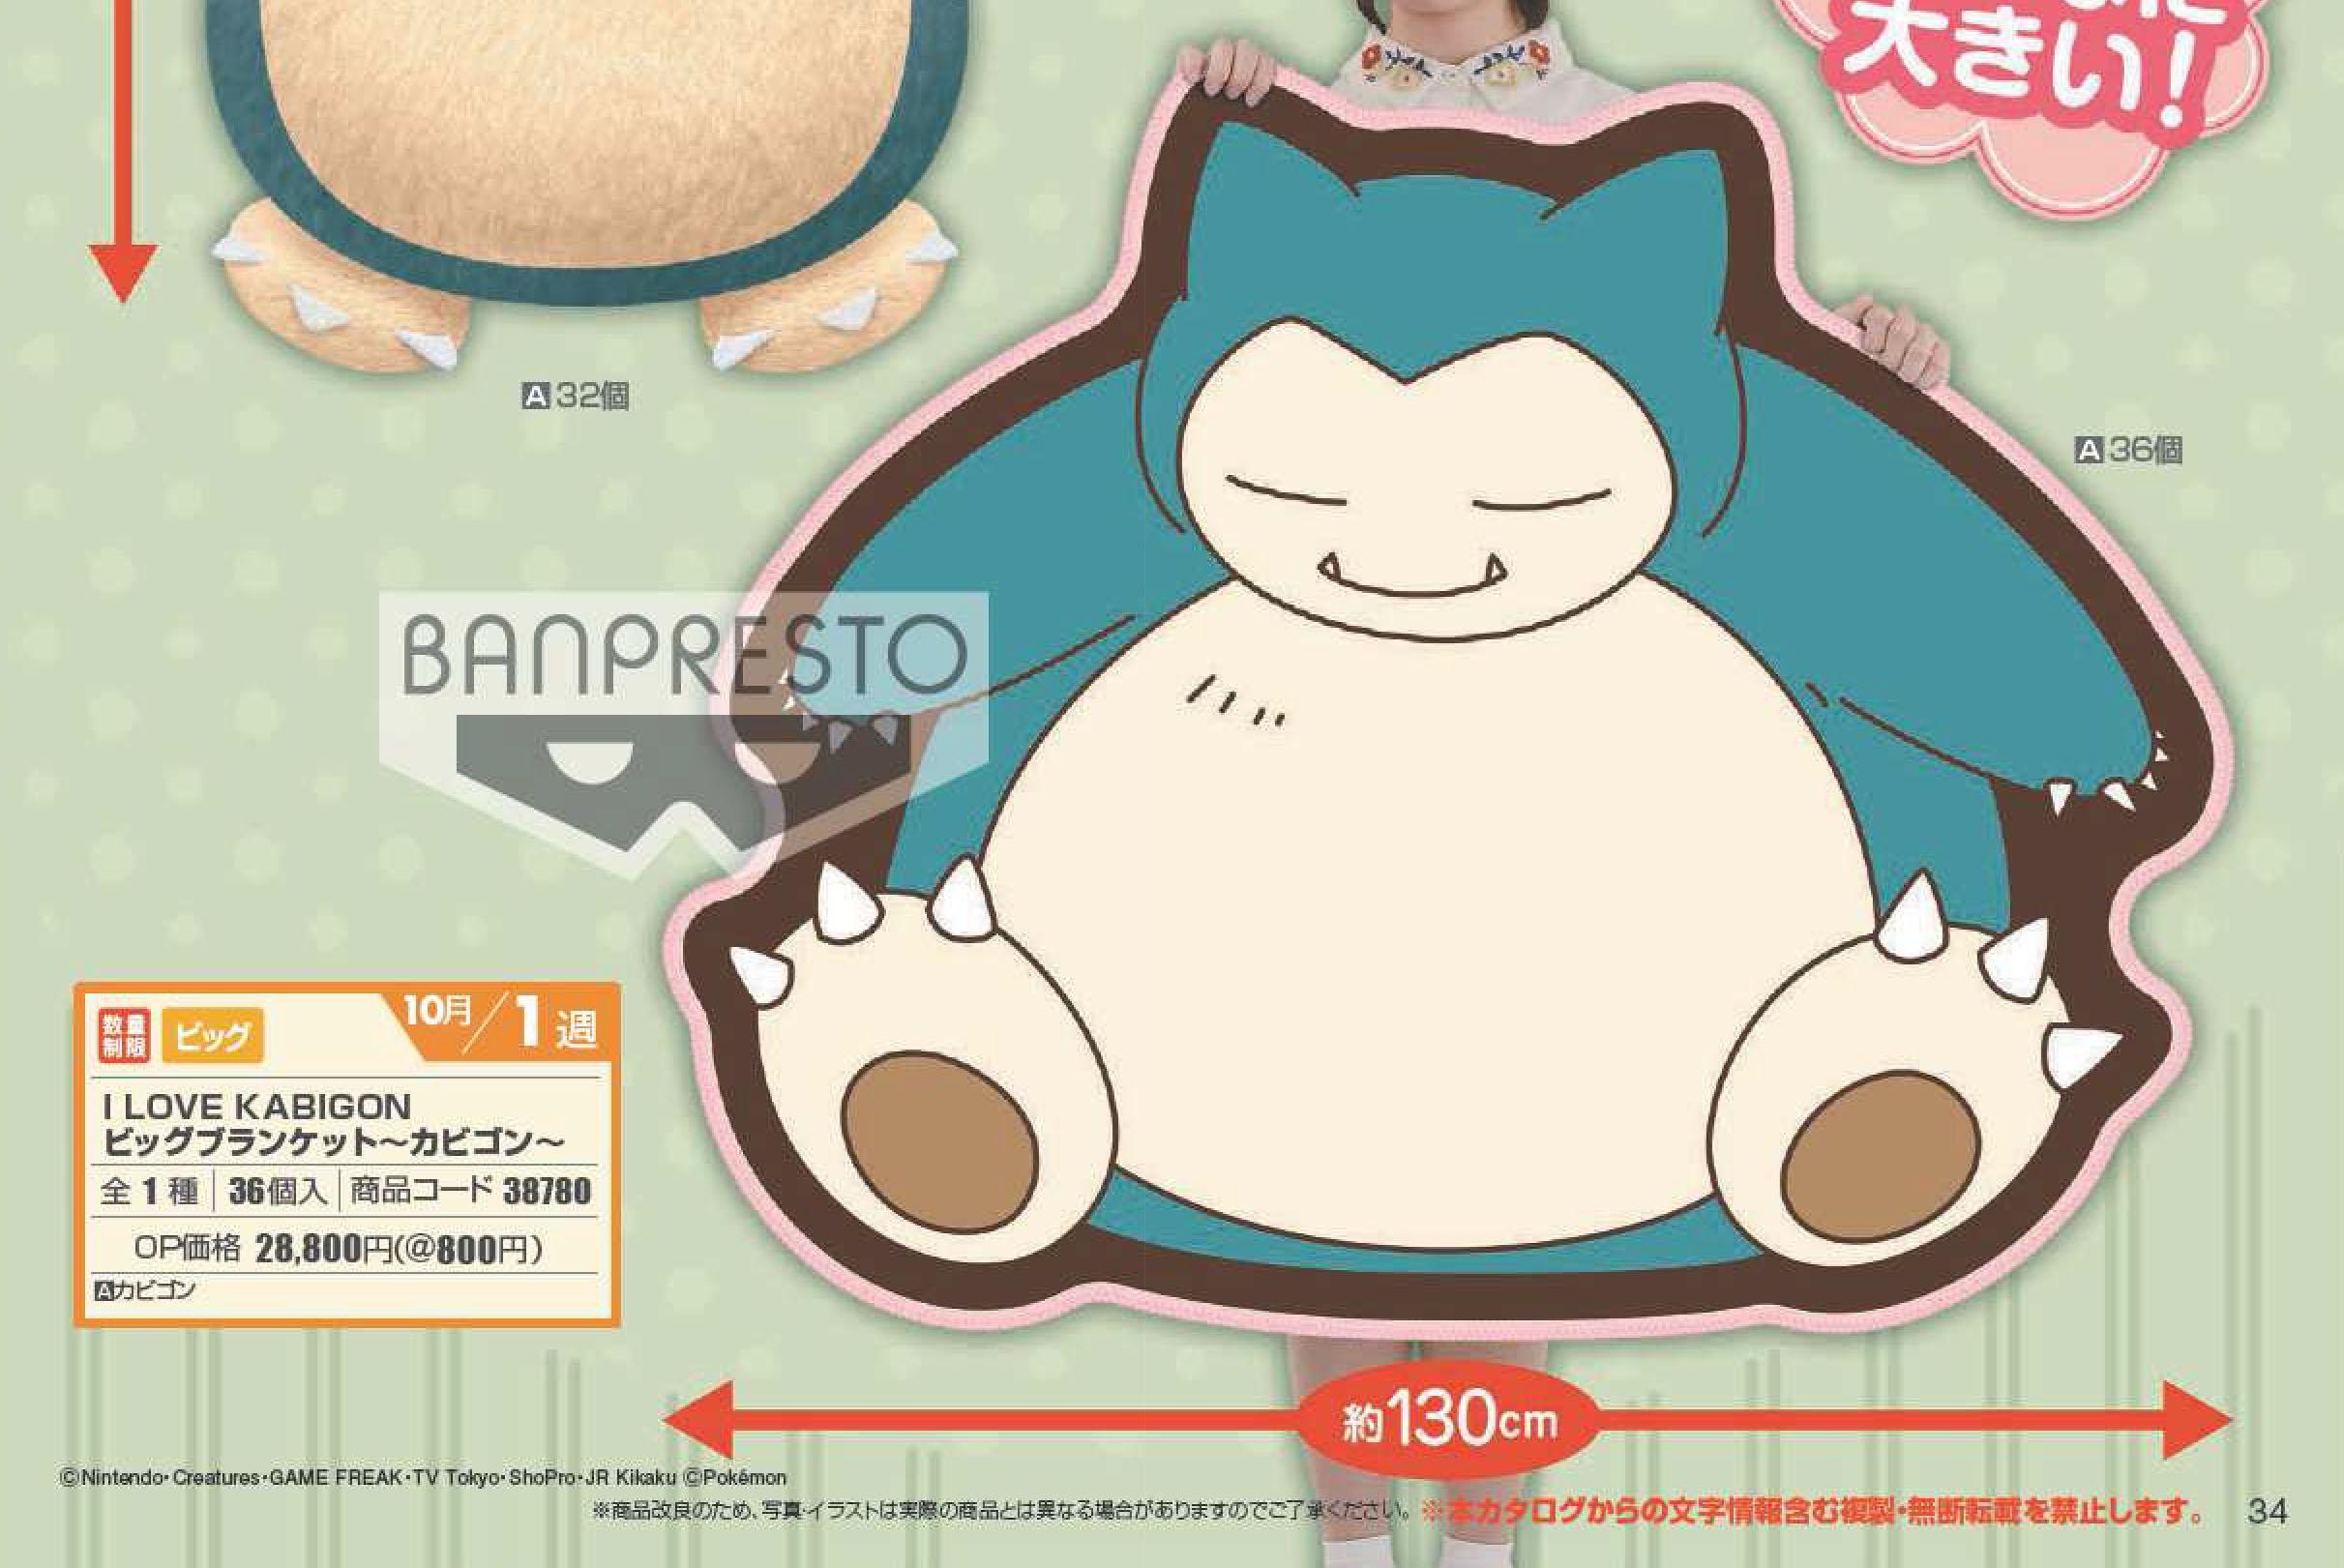 🔔เปิดรับPreorder มีค่ามัดจำ 100 บาท Banpresto 38780 I LOVE SNORLAX BIG BLANKET~SNORLAX~//กว้าง 130 cm